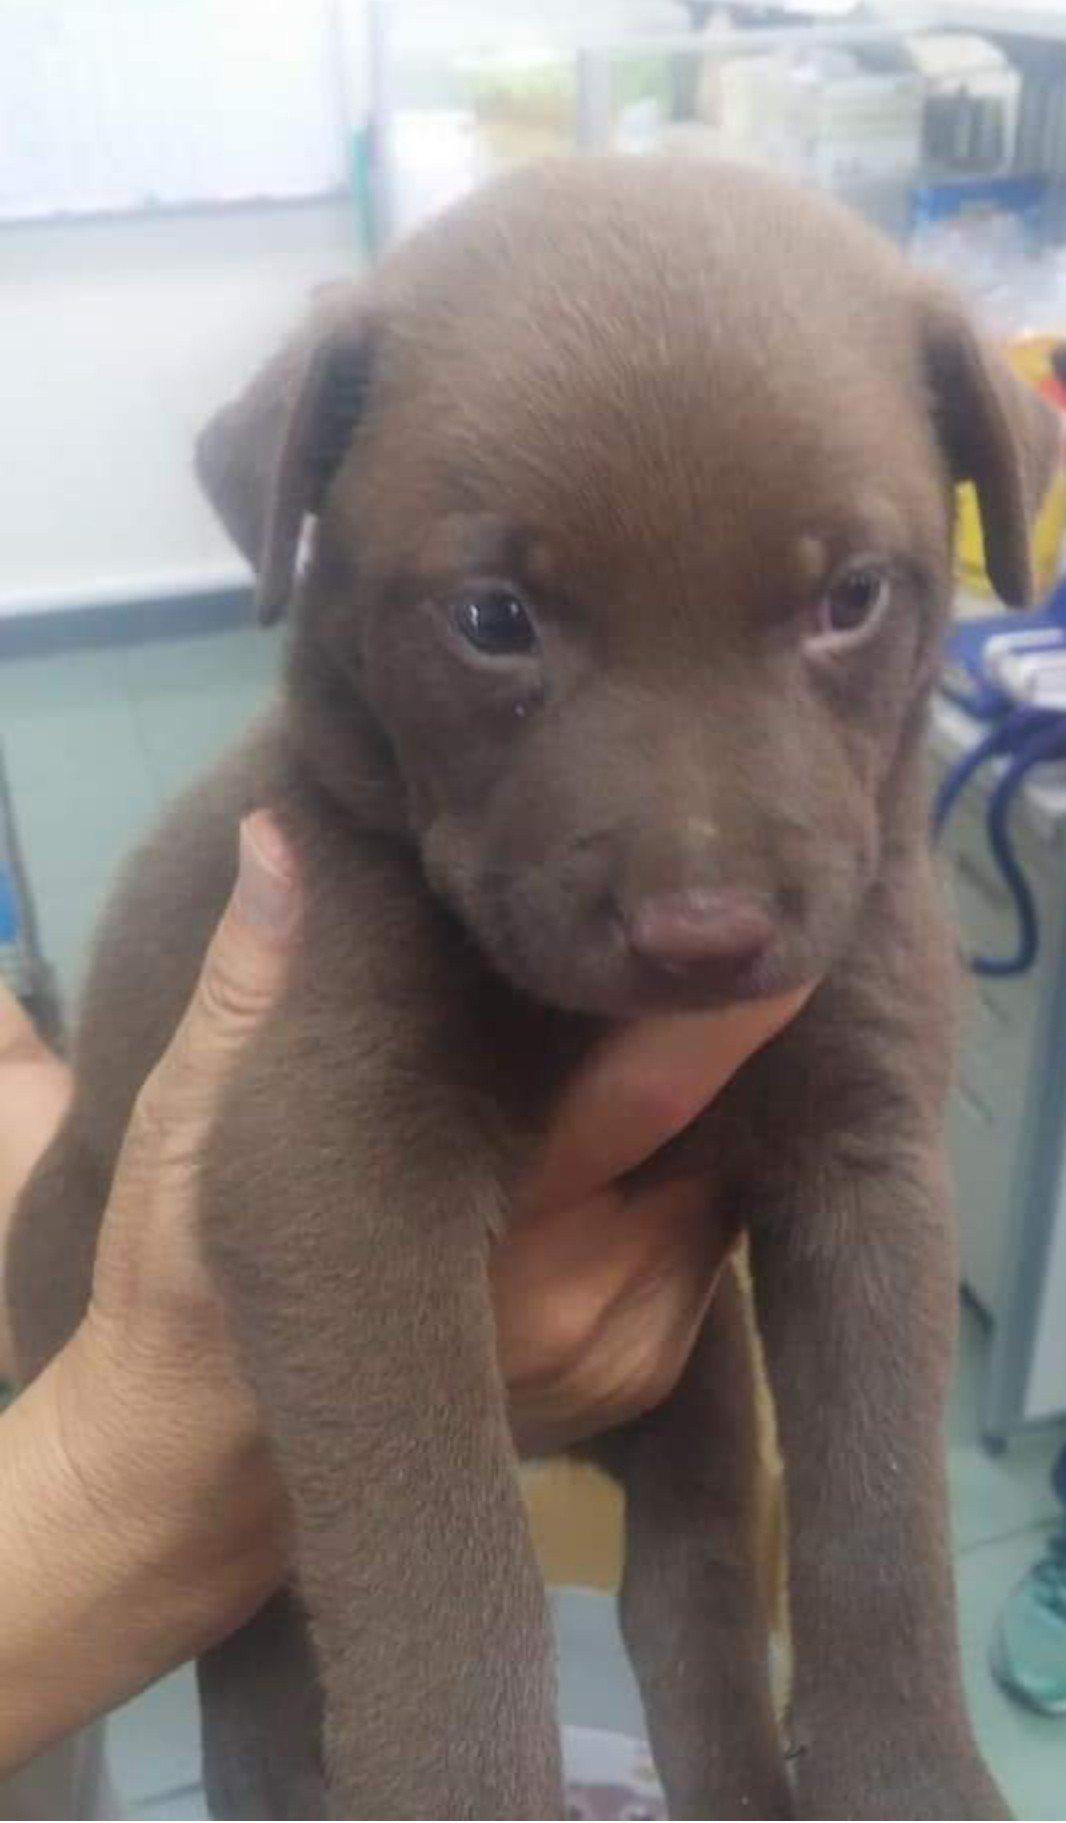 台南學甲流浪狗被捕捉,連剛出生的可愛小狗也不例外。圖/取自網路